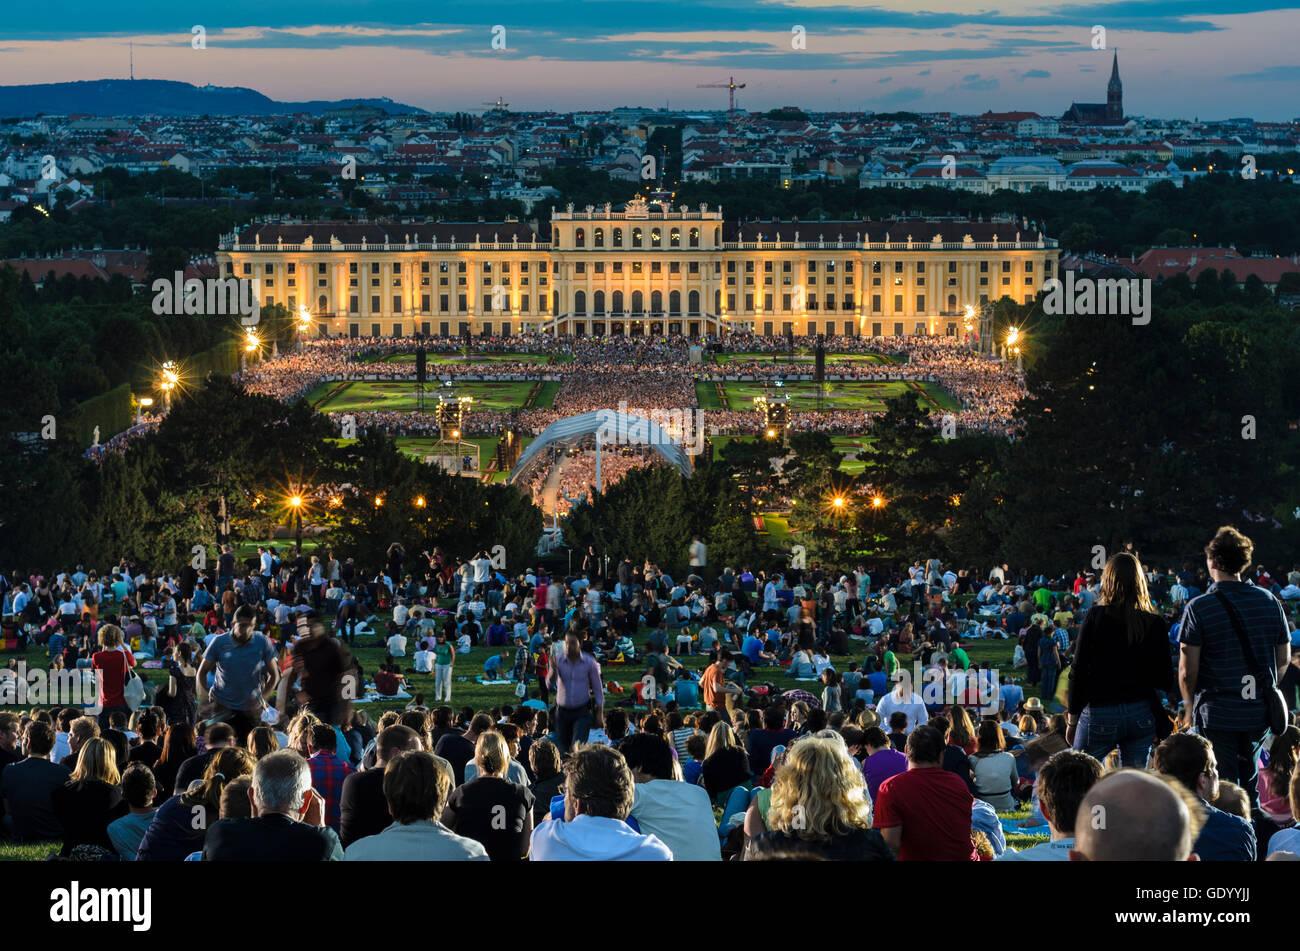 Wien, Vienne: Summer Night Concert de l'Orchestre philharmonique de Vienne dans le parc du Palais Schönbrunn, Photo Stock